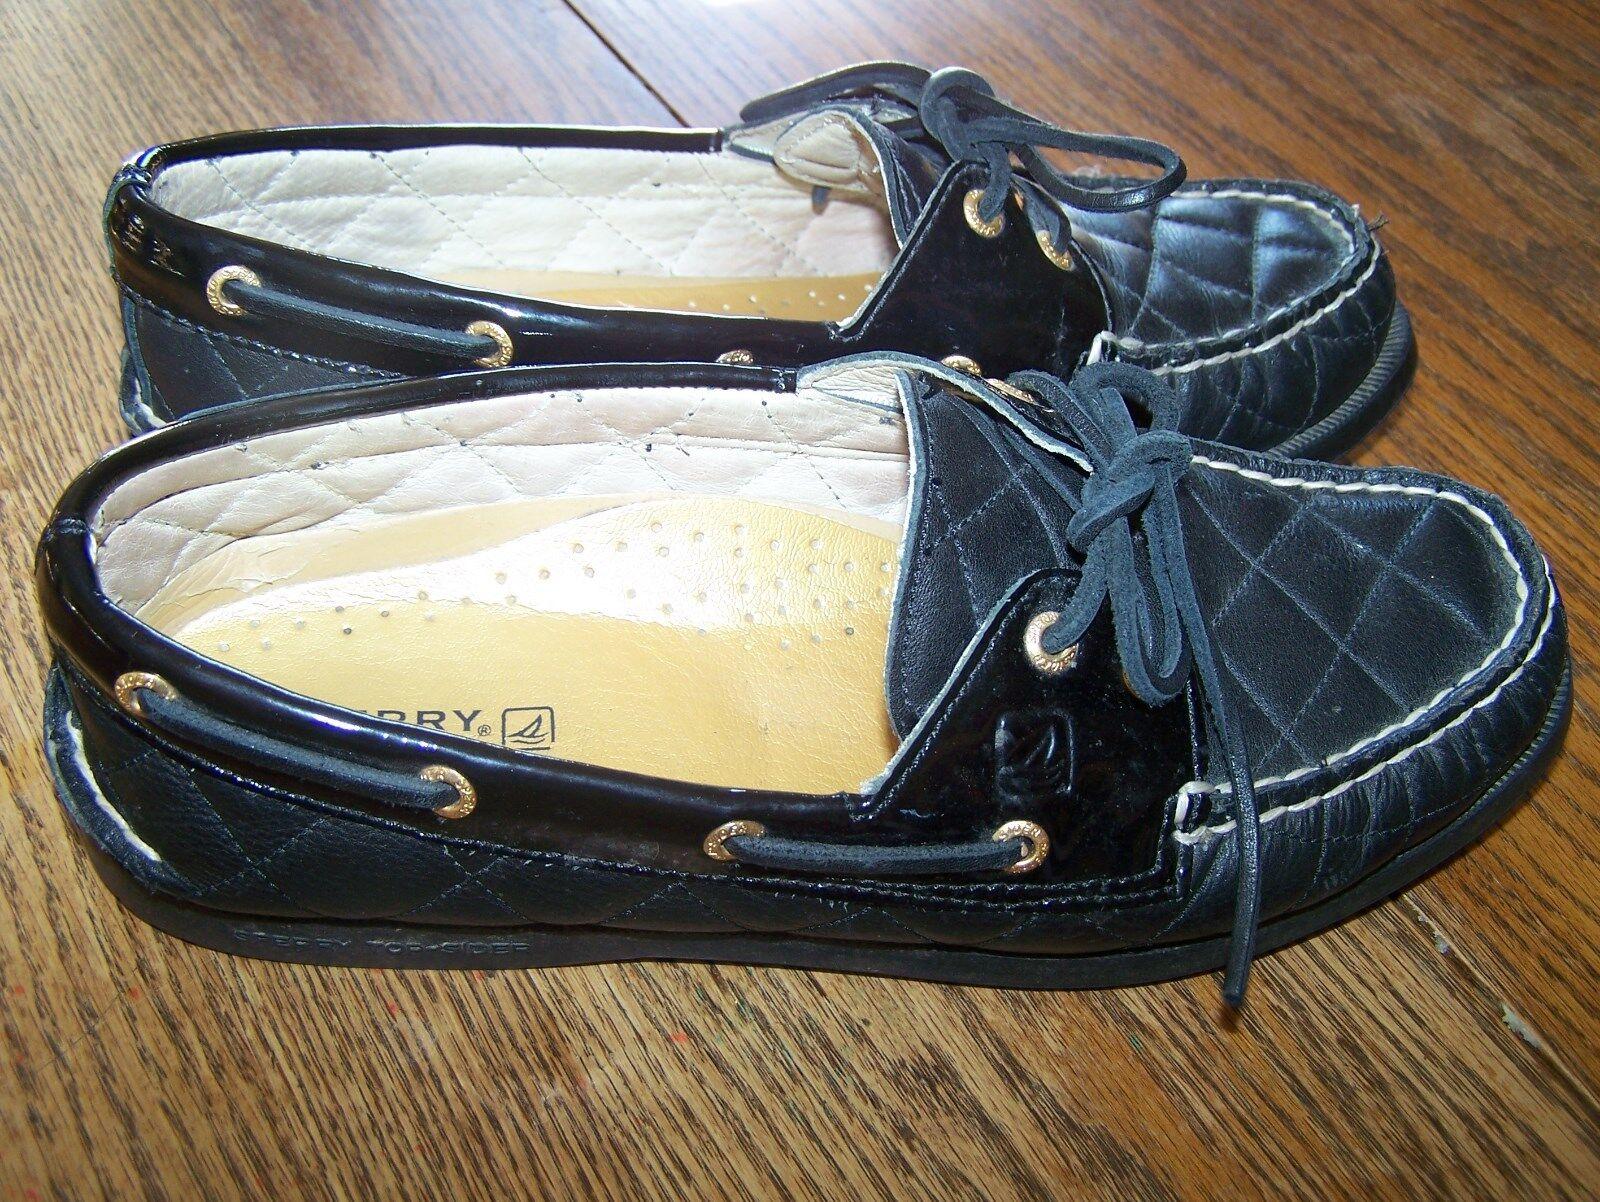 la sandales surface des sandales la en cuir matelassé sperry noir taille 9 les chaussures de bateau ee511a